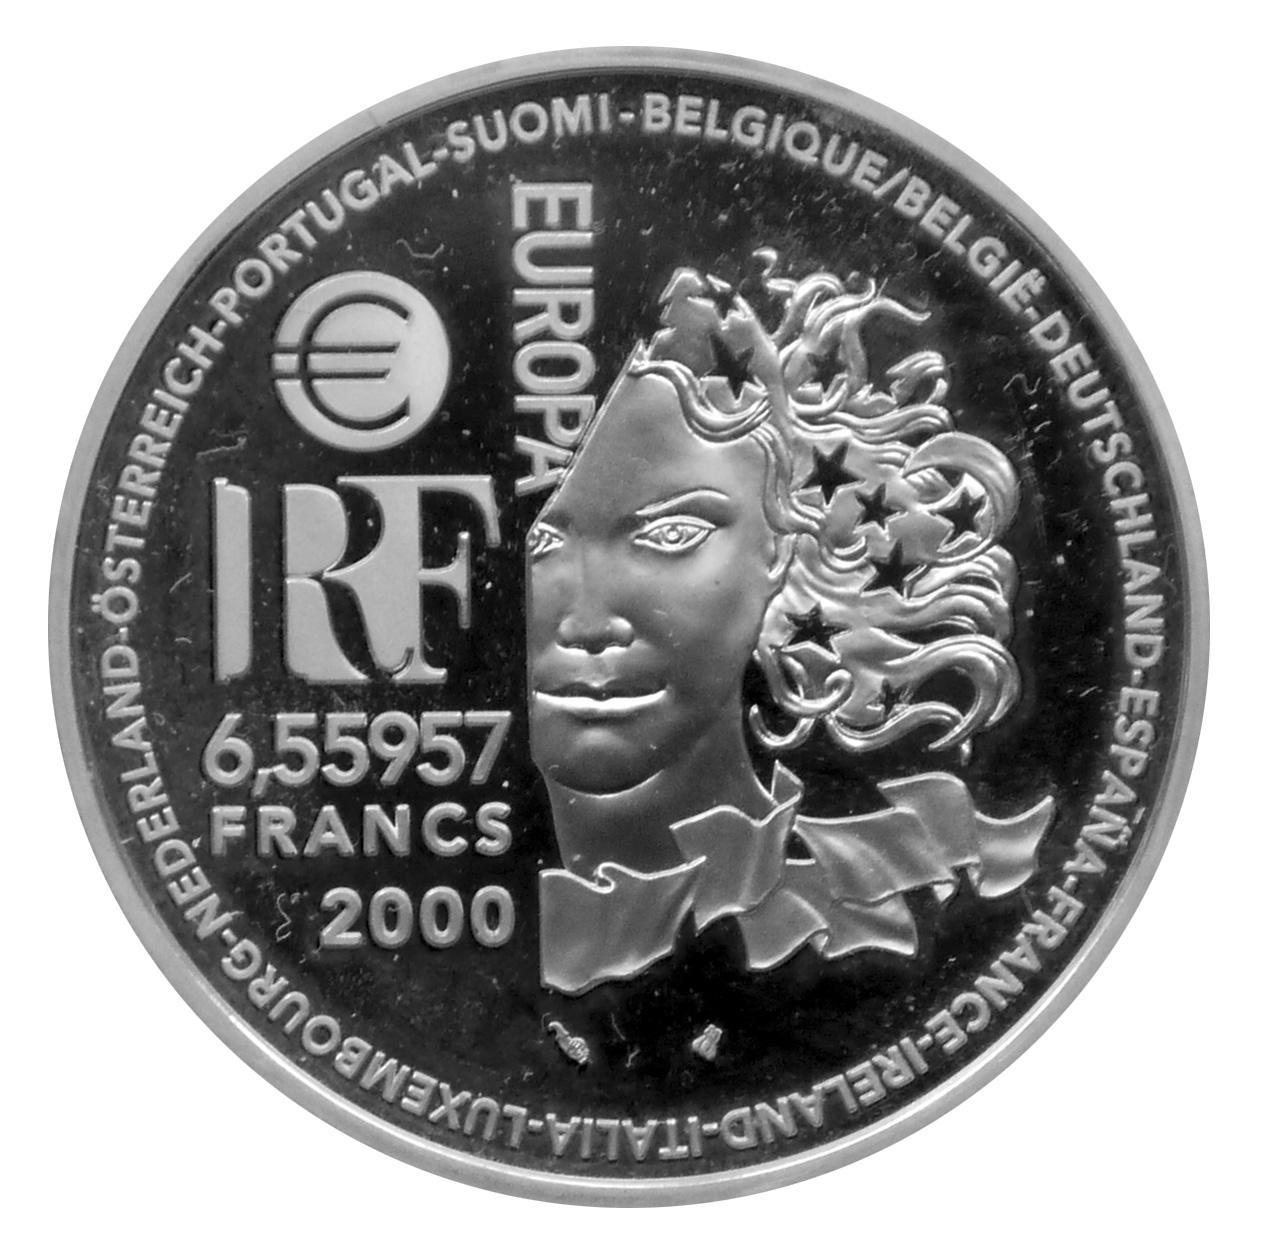 6 55957 francs - art moderne  type  u0026quot eglise de ronchamp u0026quot   - france